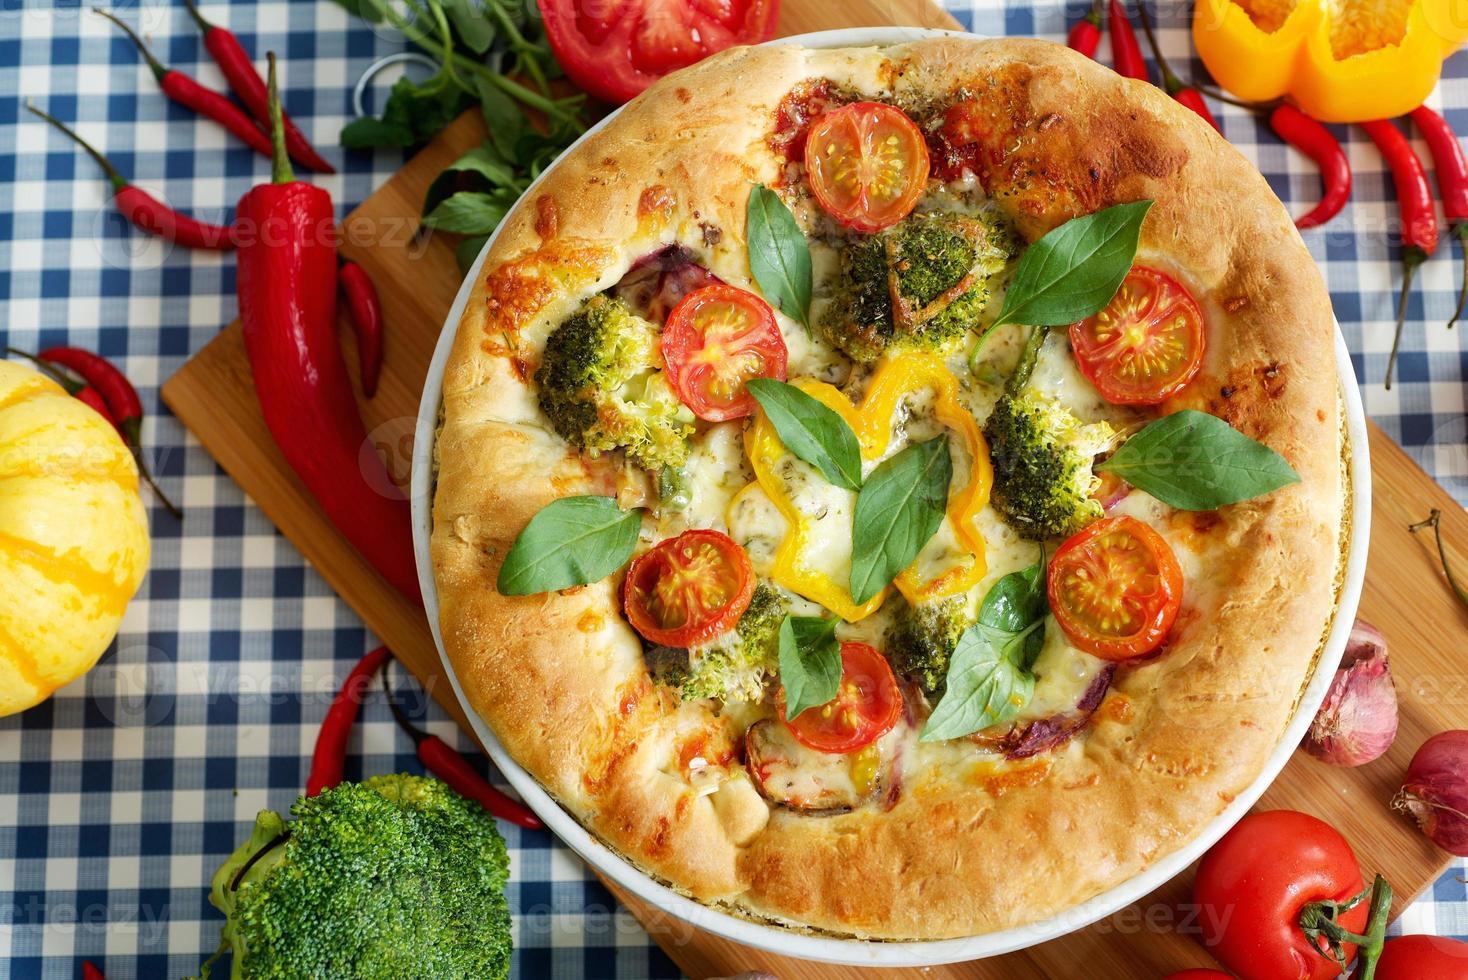 hemgjord vegeterian margarita pizza på bordet foto